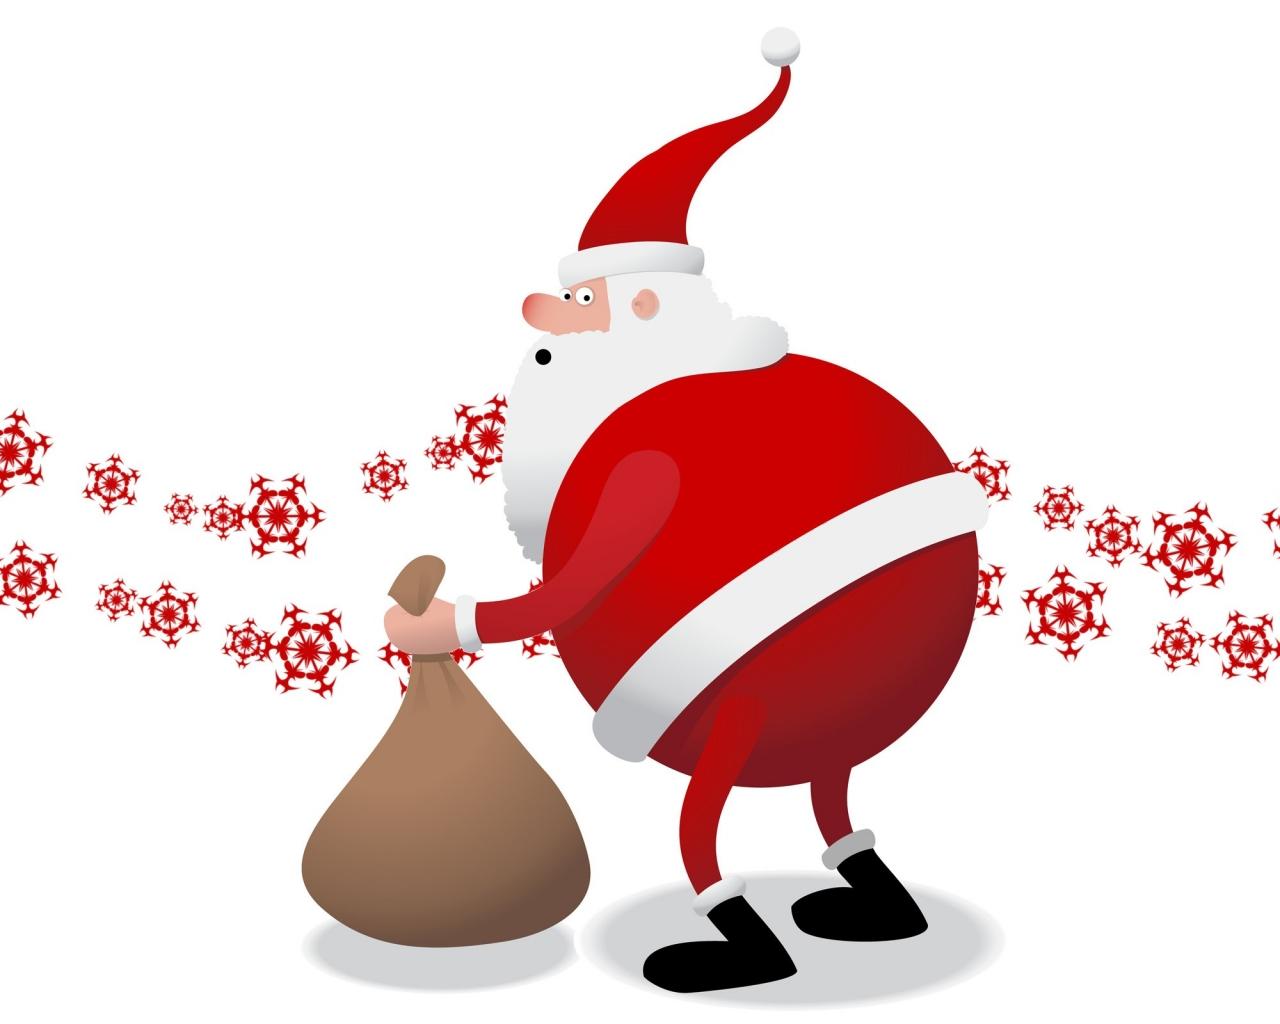 Santa Claus el gordo - 1280x1024